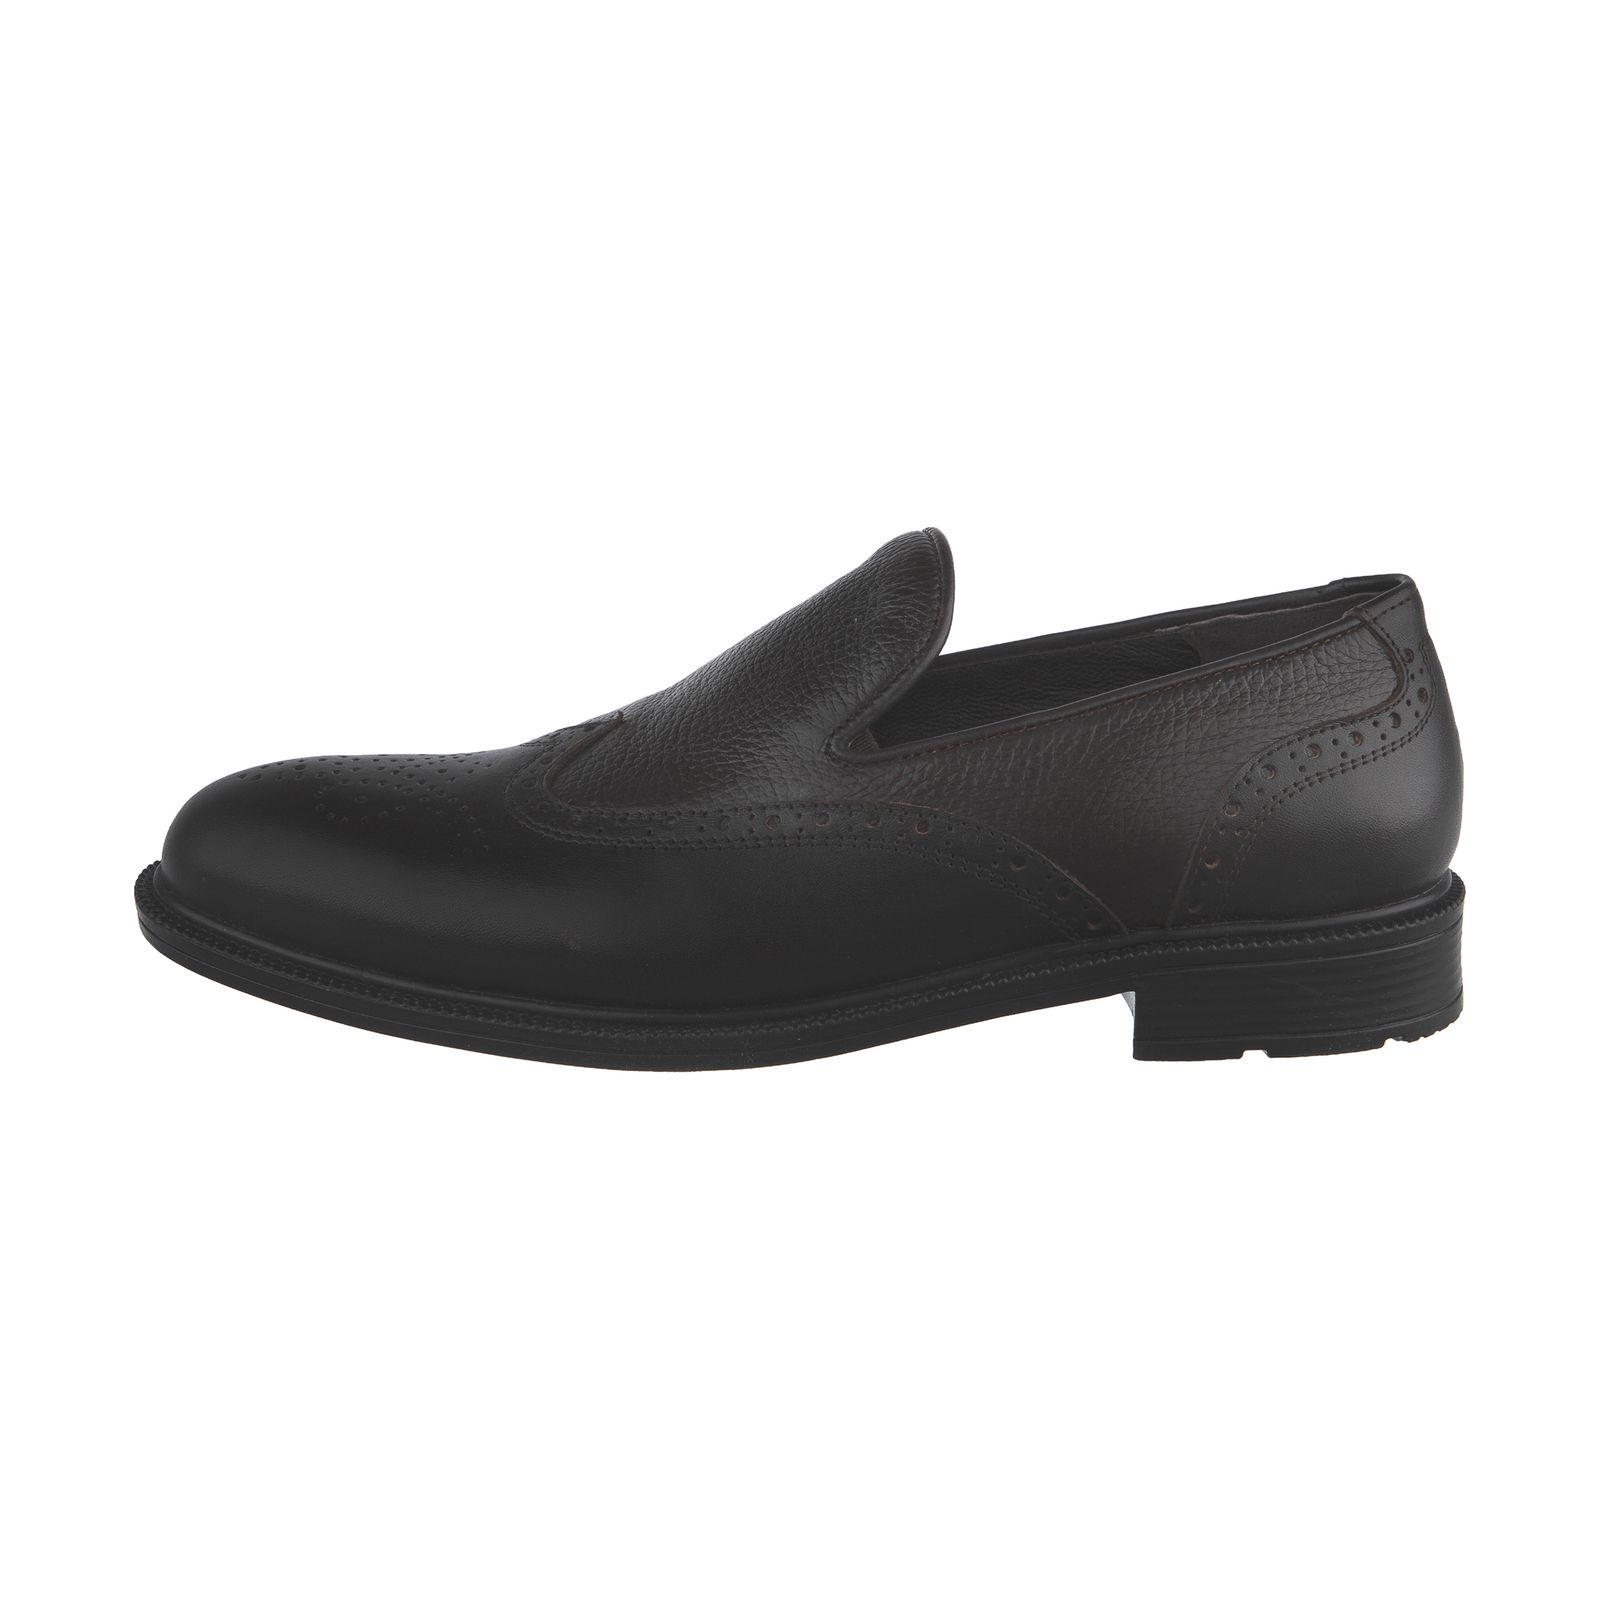 کفش مردانه بلوط مدل 7295A503104 -  - 2